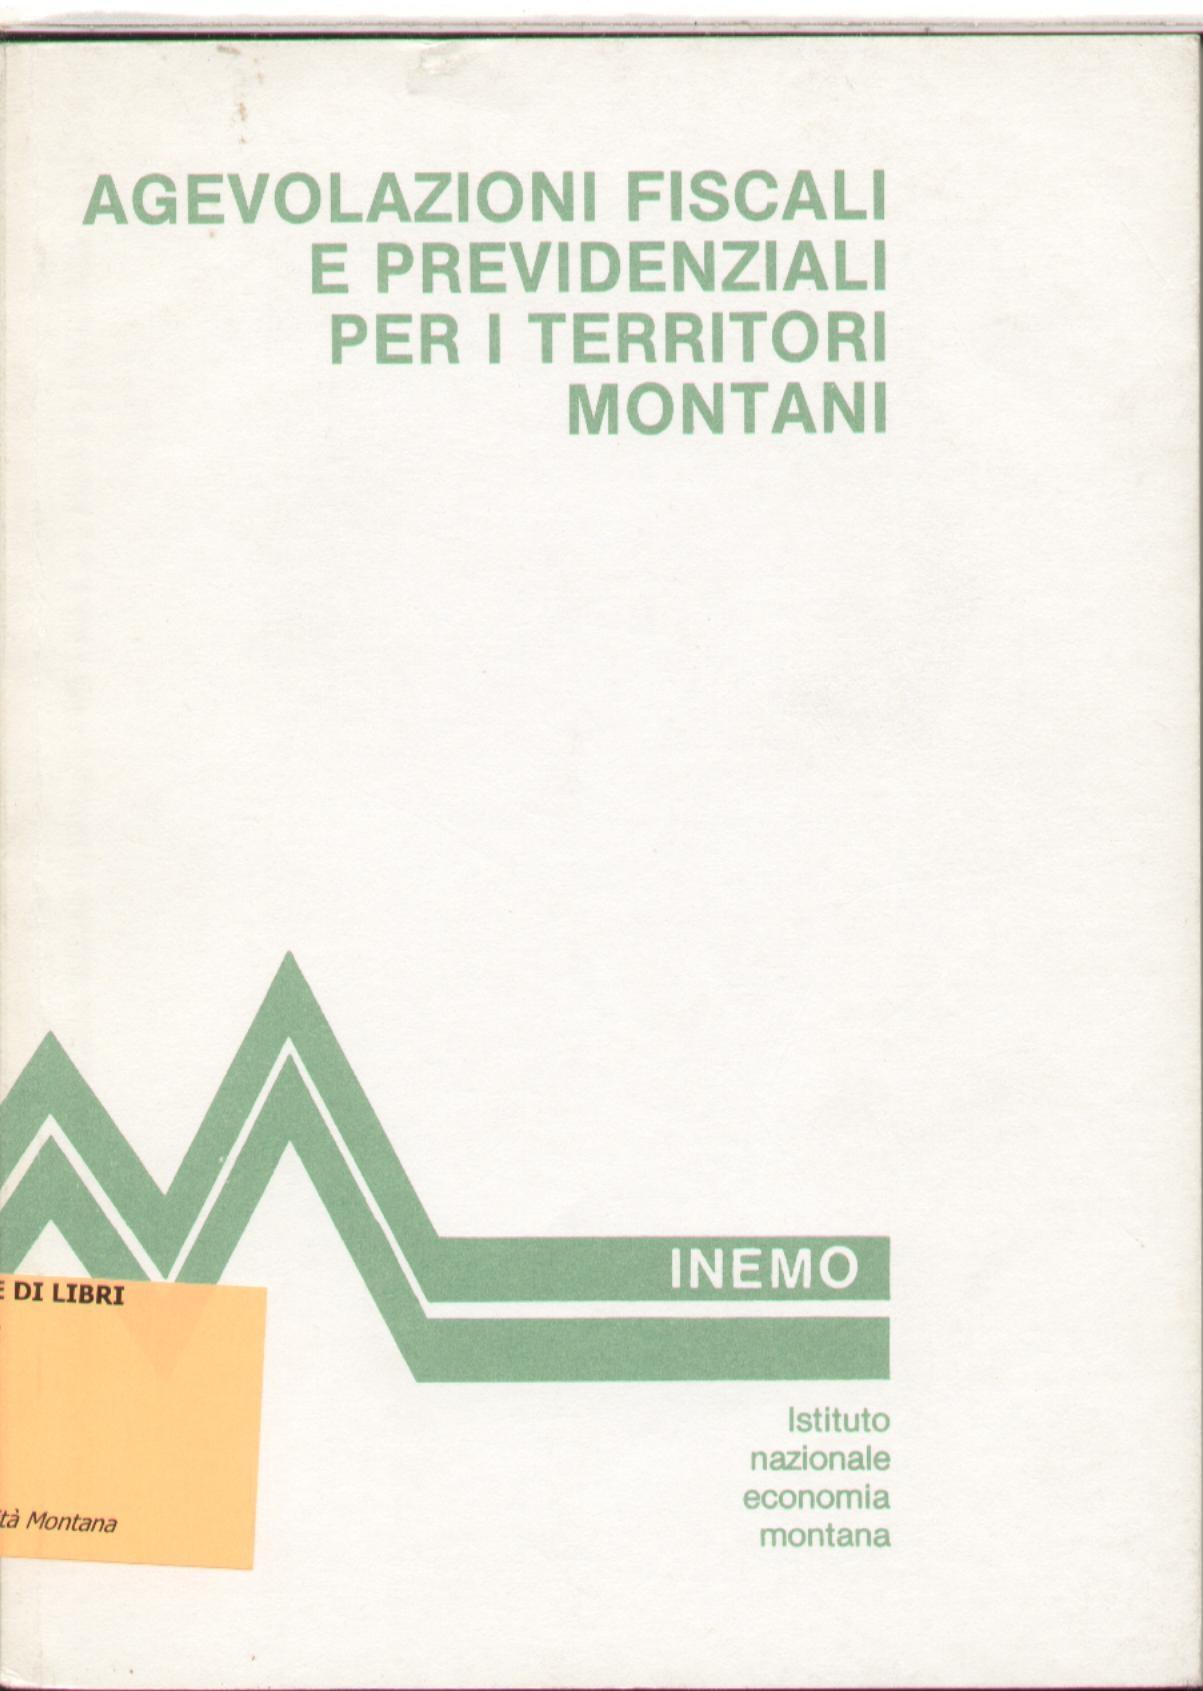 Agevolazioni fiscali e previdenziali per i territori montani